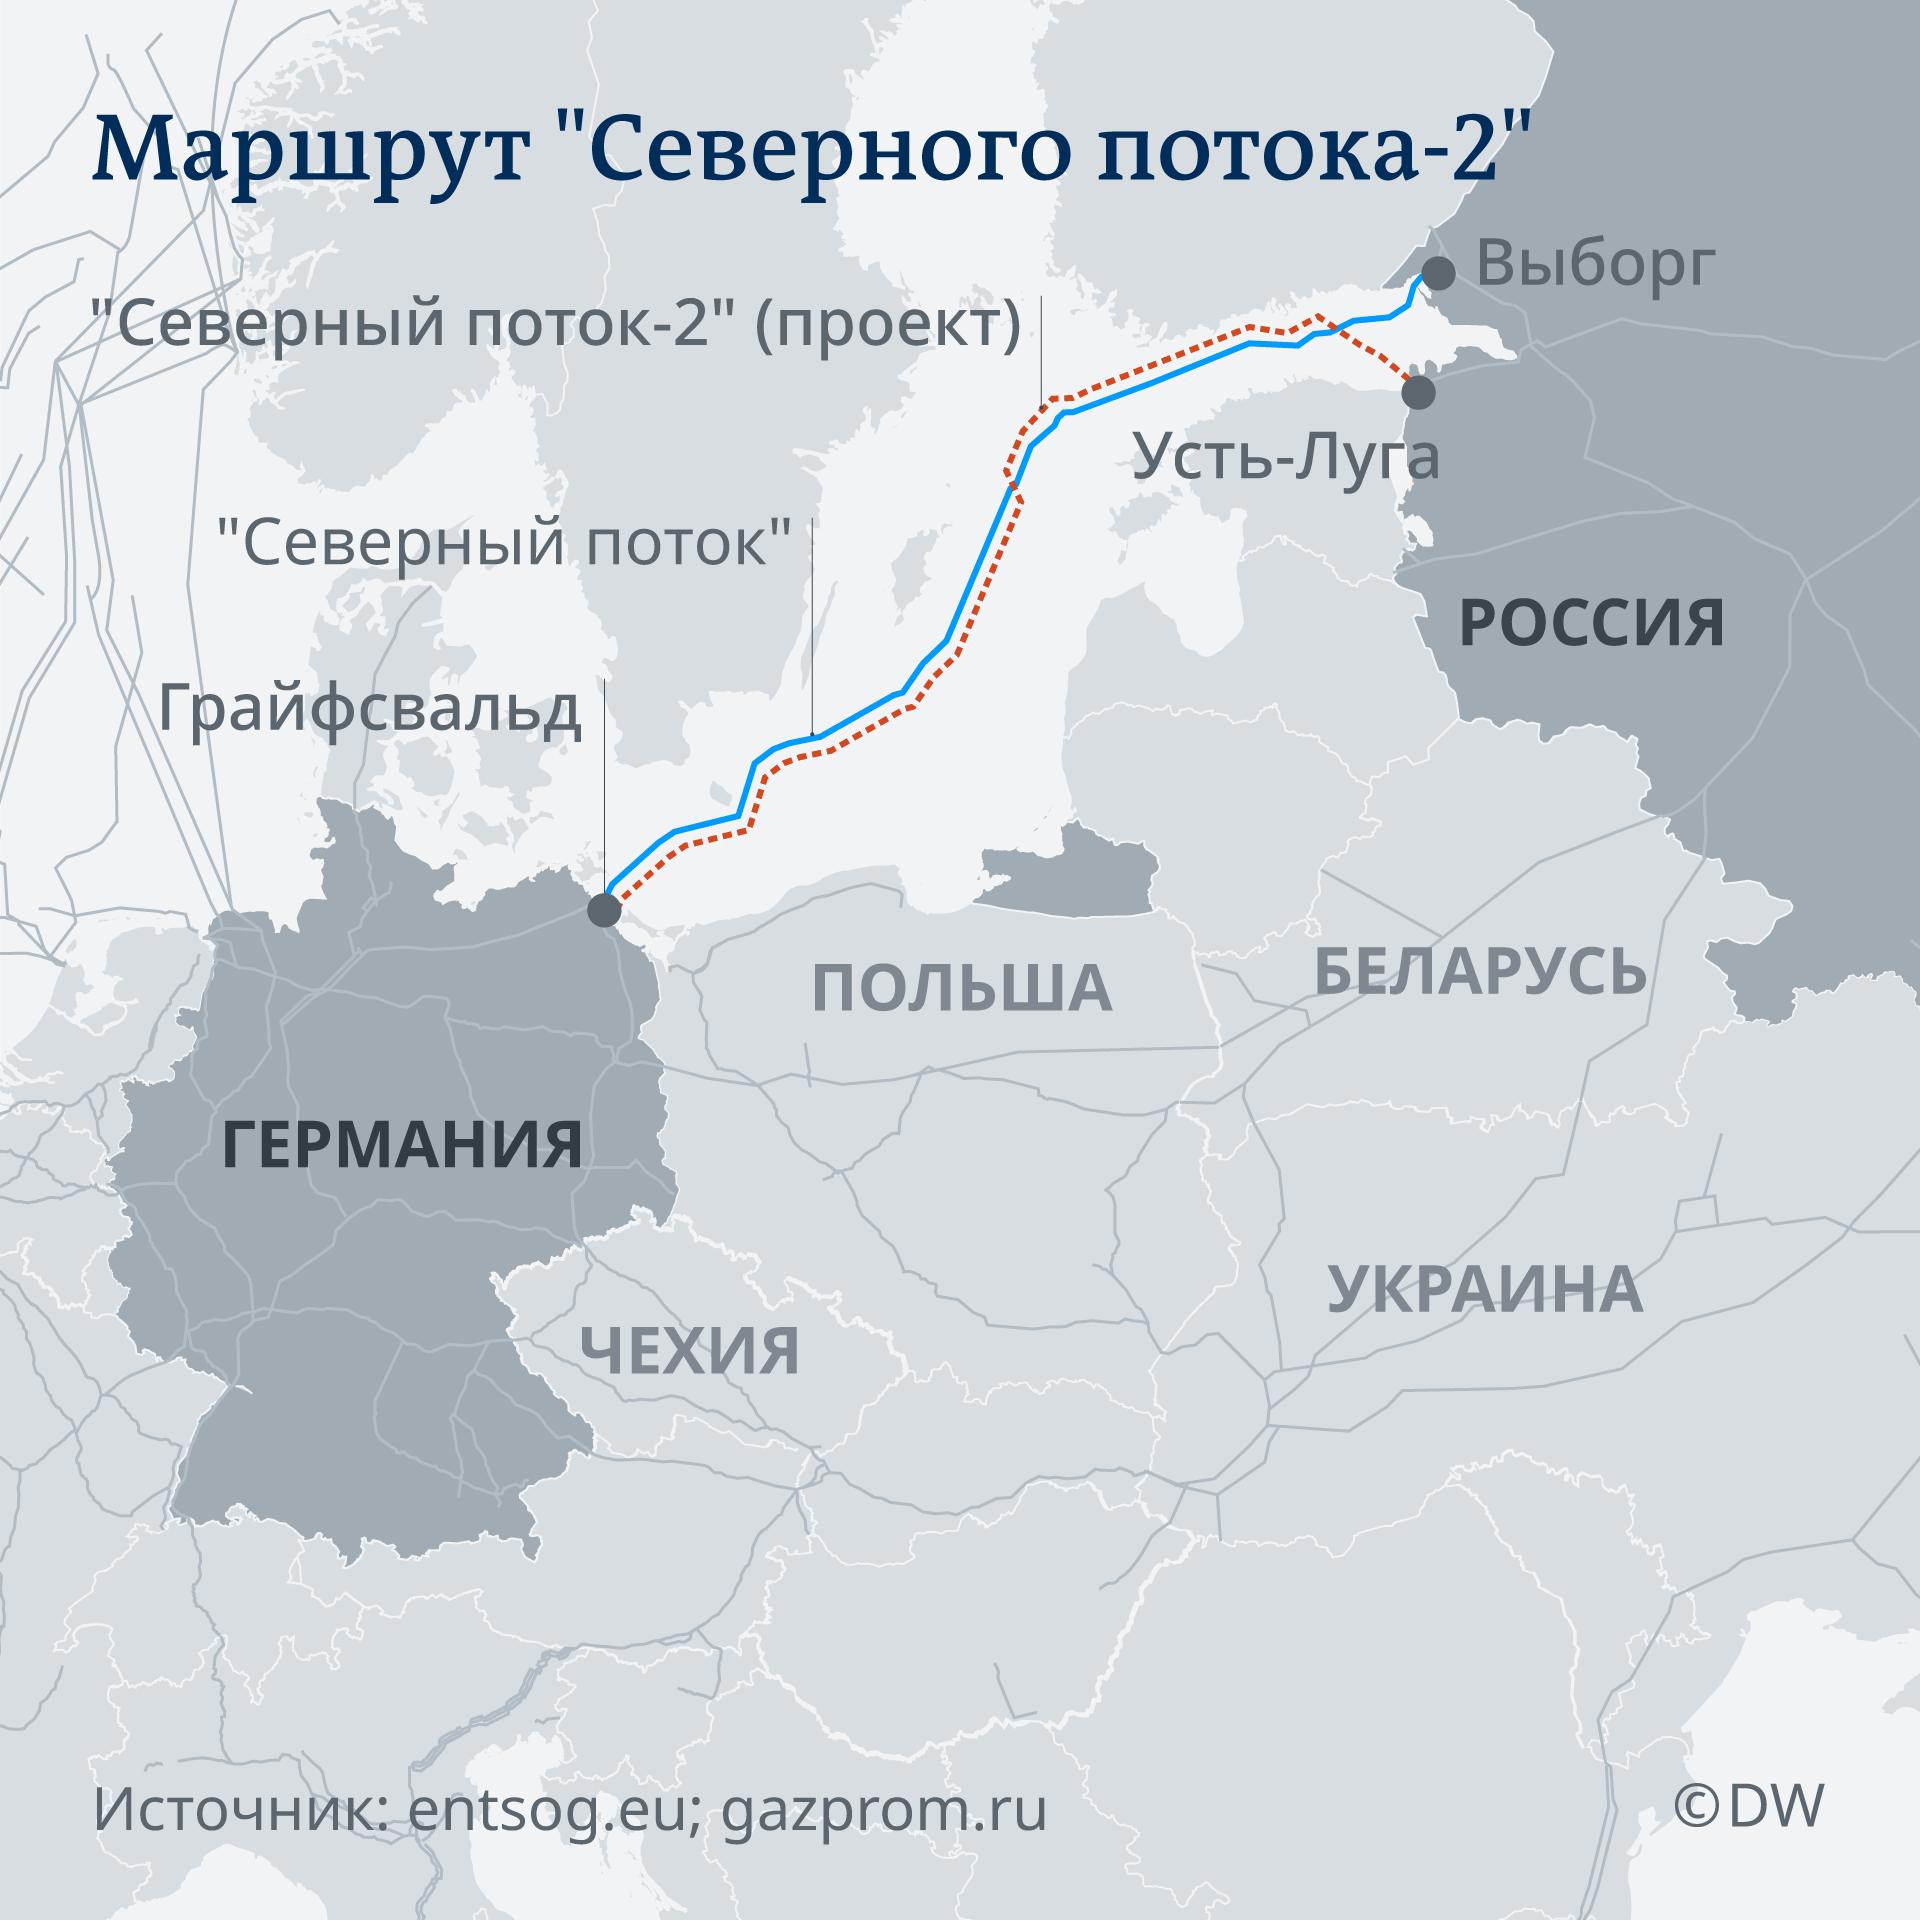 Инфографика: маршрут трубопровода Северный поток - 2